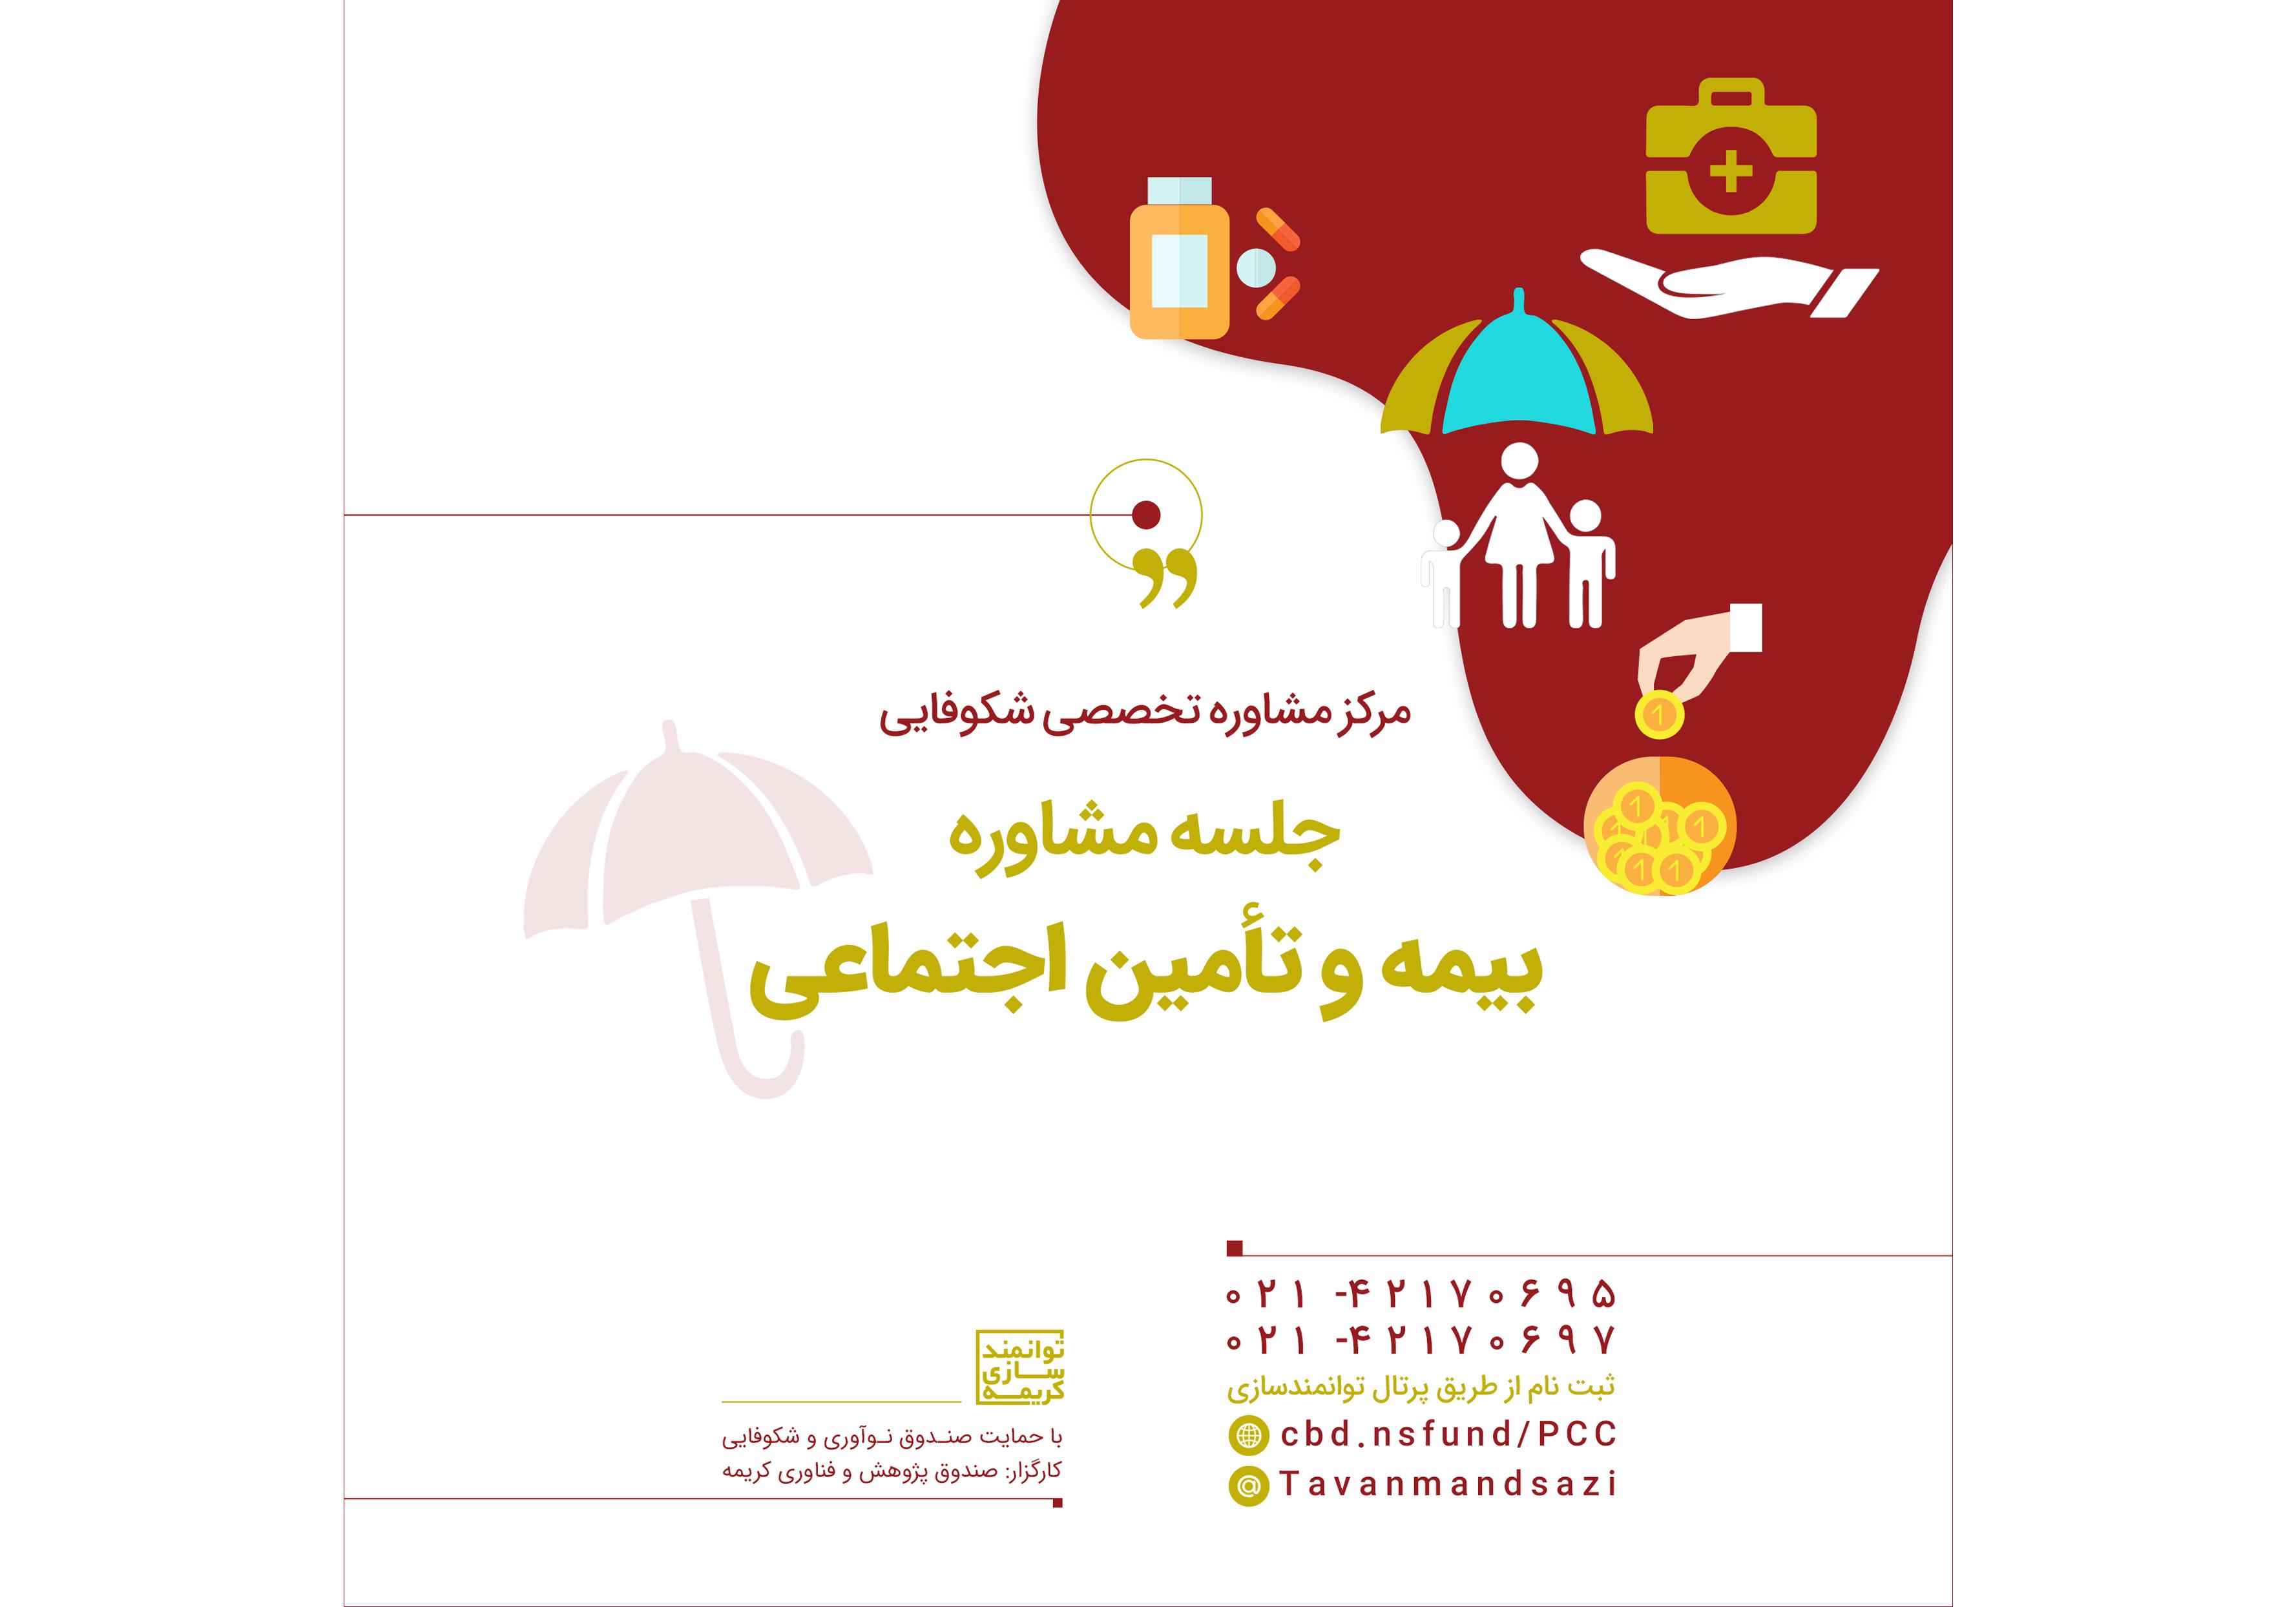 برگزاری جلسات مشاوره تخصصی در حوزه بیمه وتامین اجتماعی